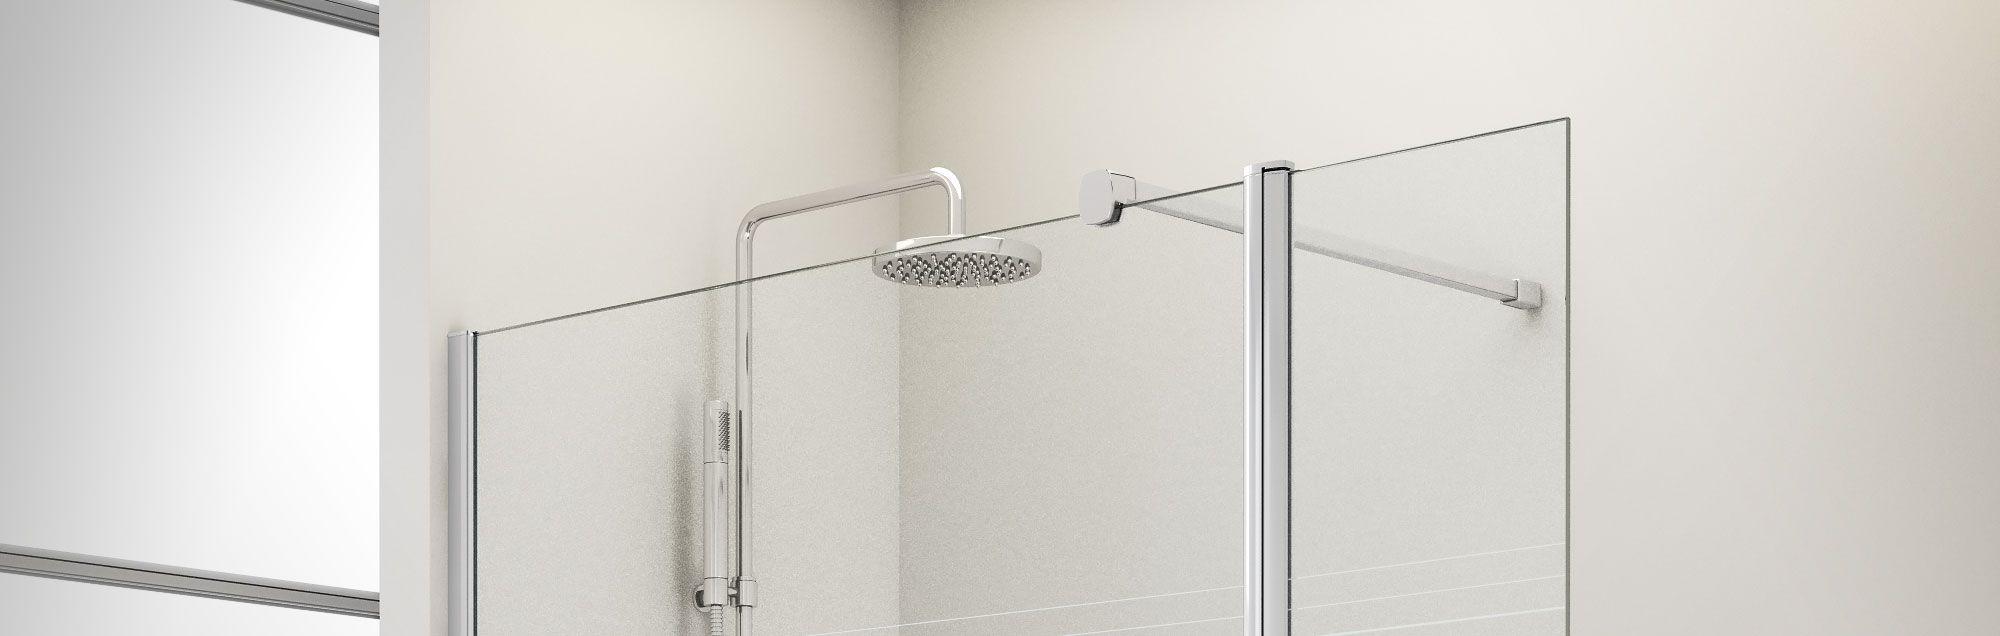 standard parois pour baignoire et douche profiltek. Black Bedroom Furniture Sets. Home Design Ideas